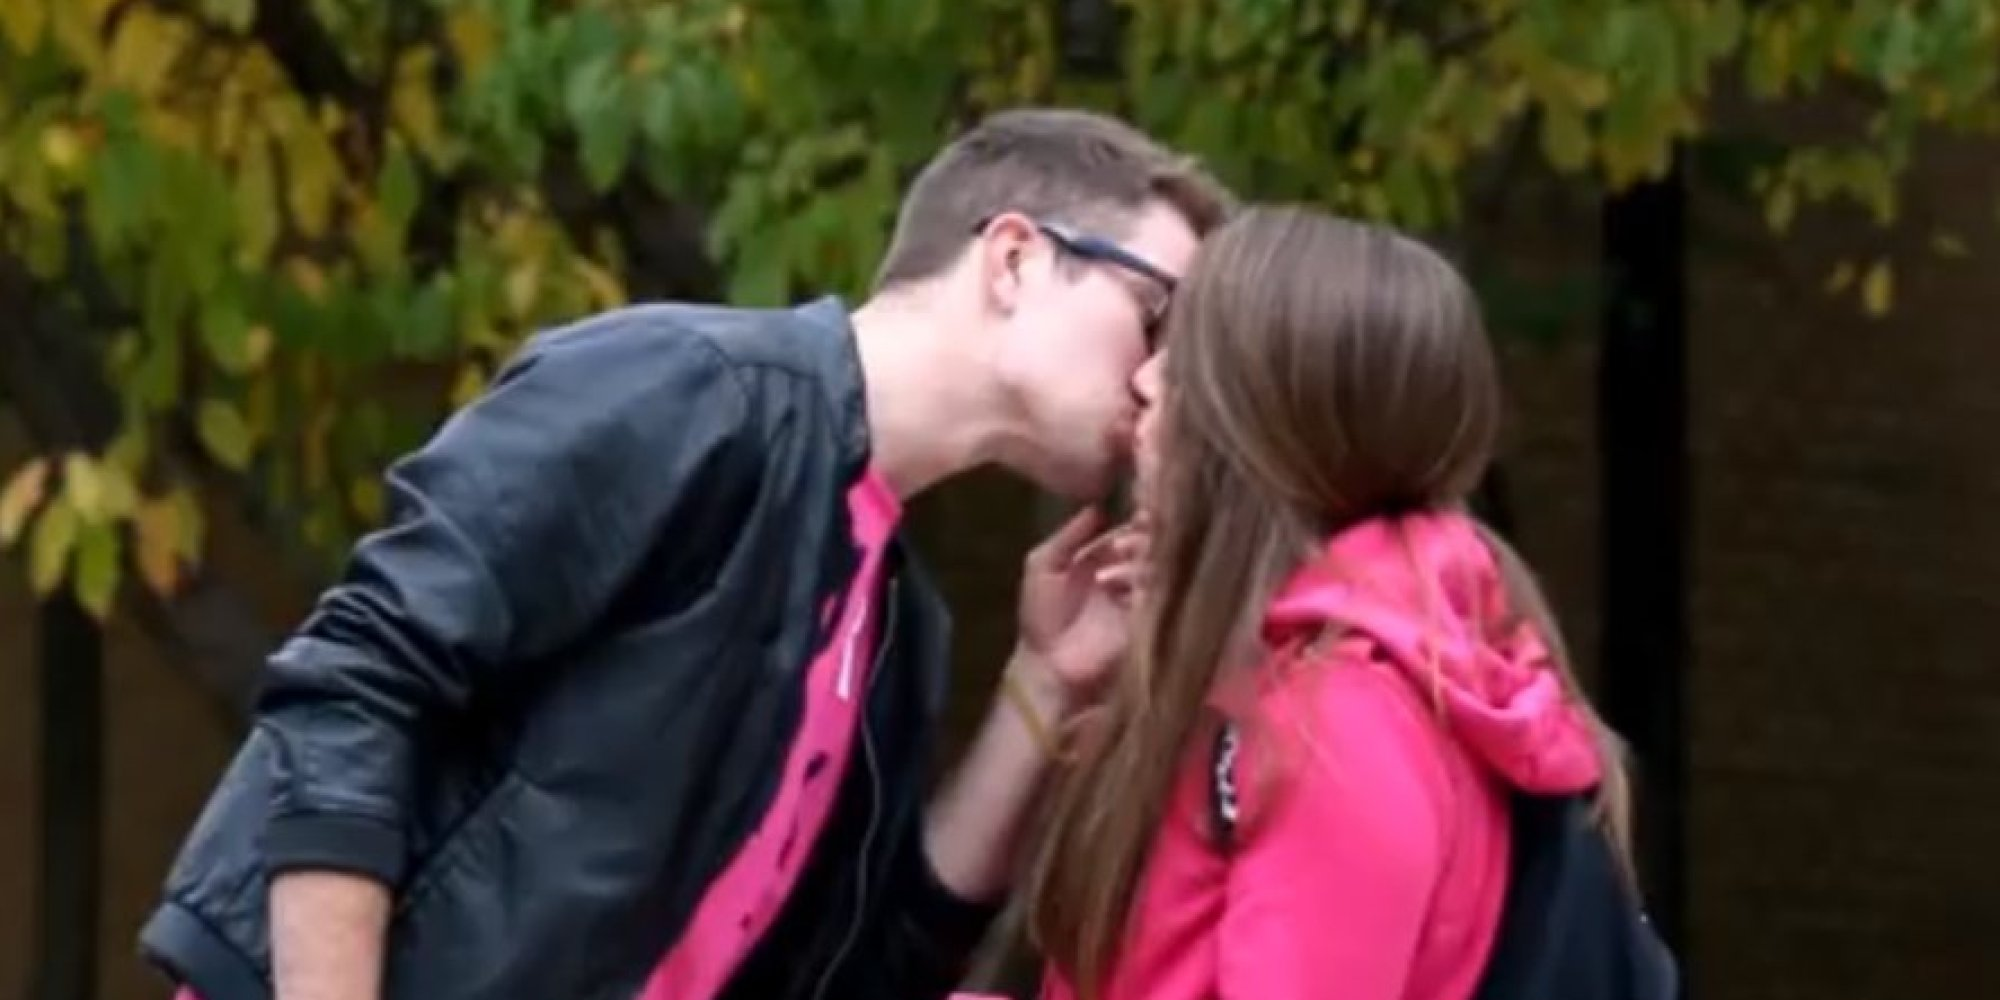 Студенты развели девушку на секс, Развел русскую студентку как дурочку - сказал что хочет 6 фотография